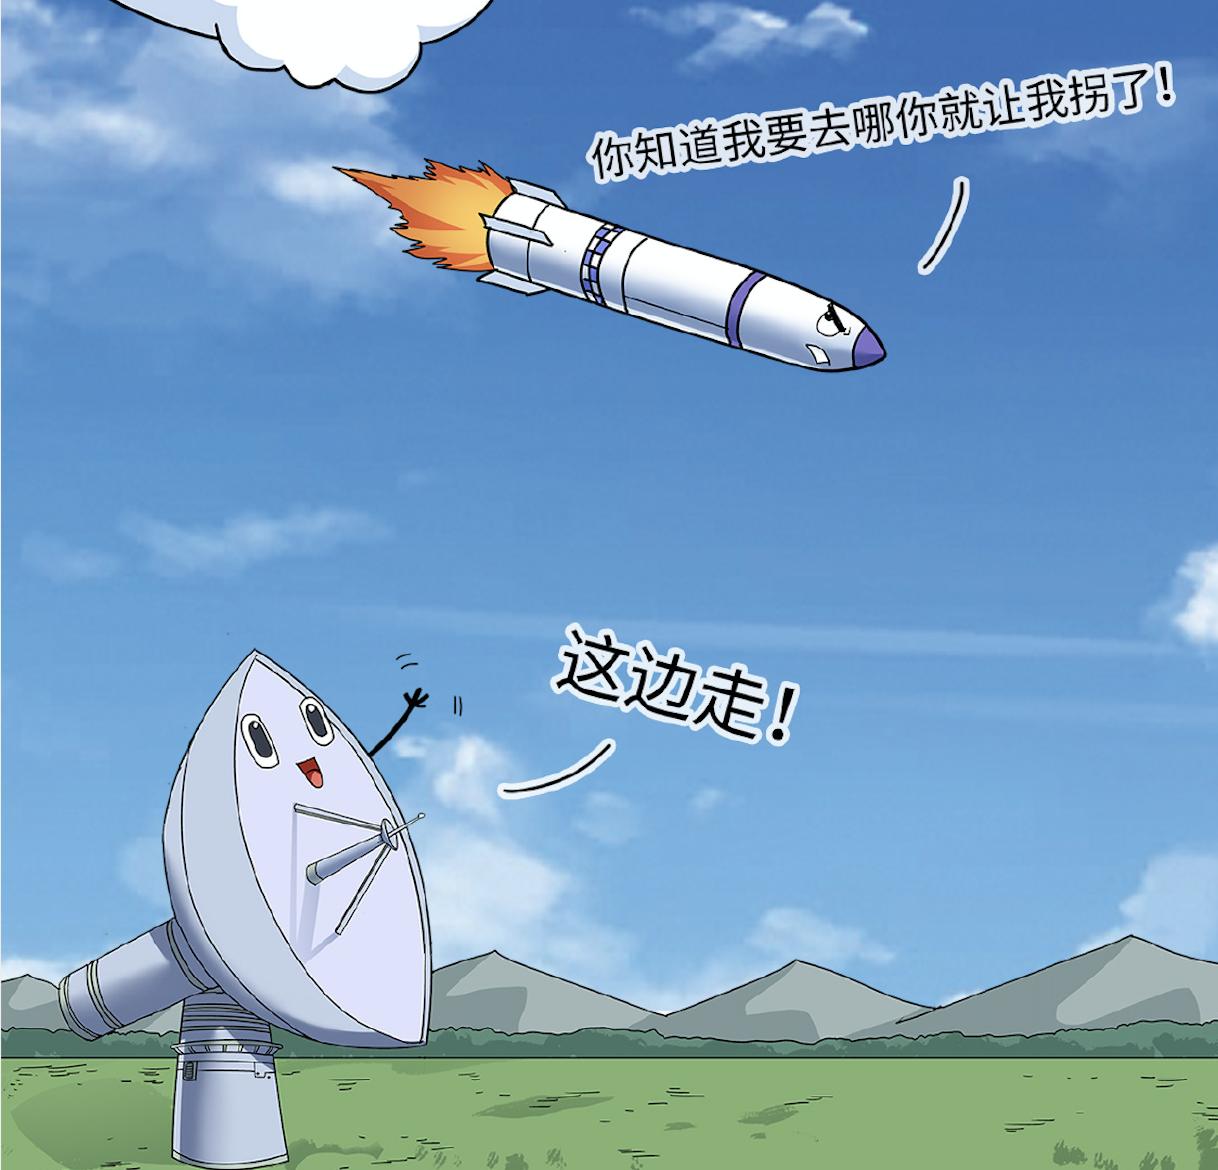 想知道火箭为什么能指哪打哪吗? 